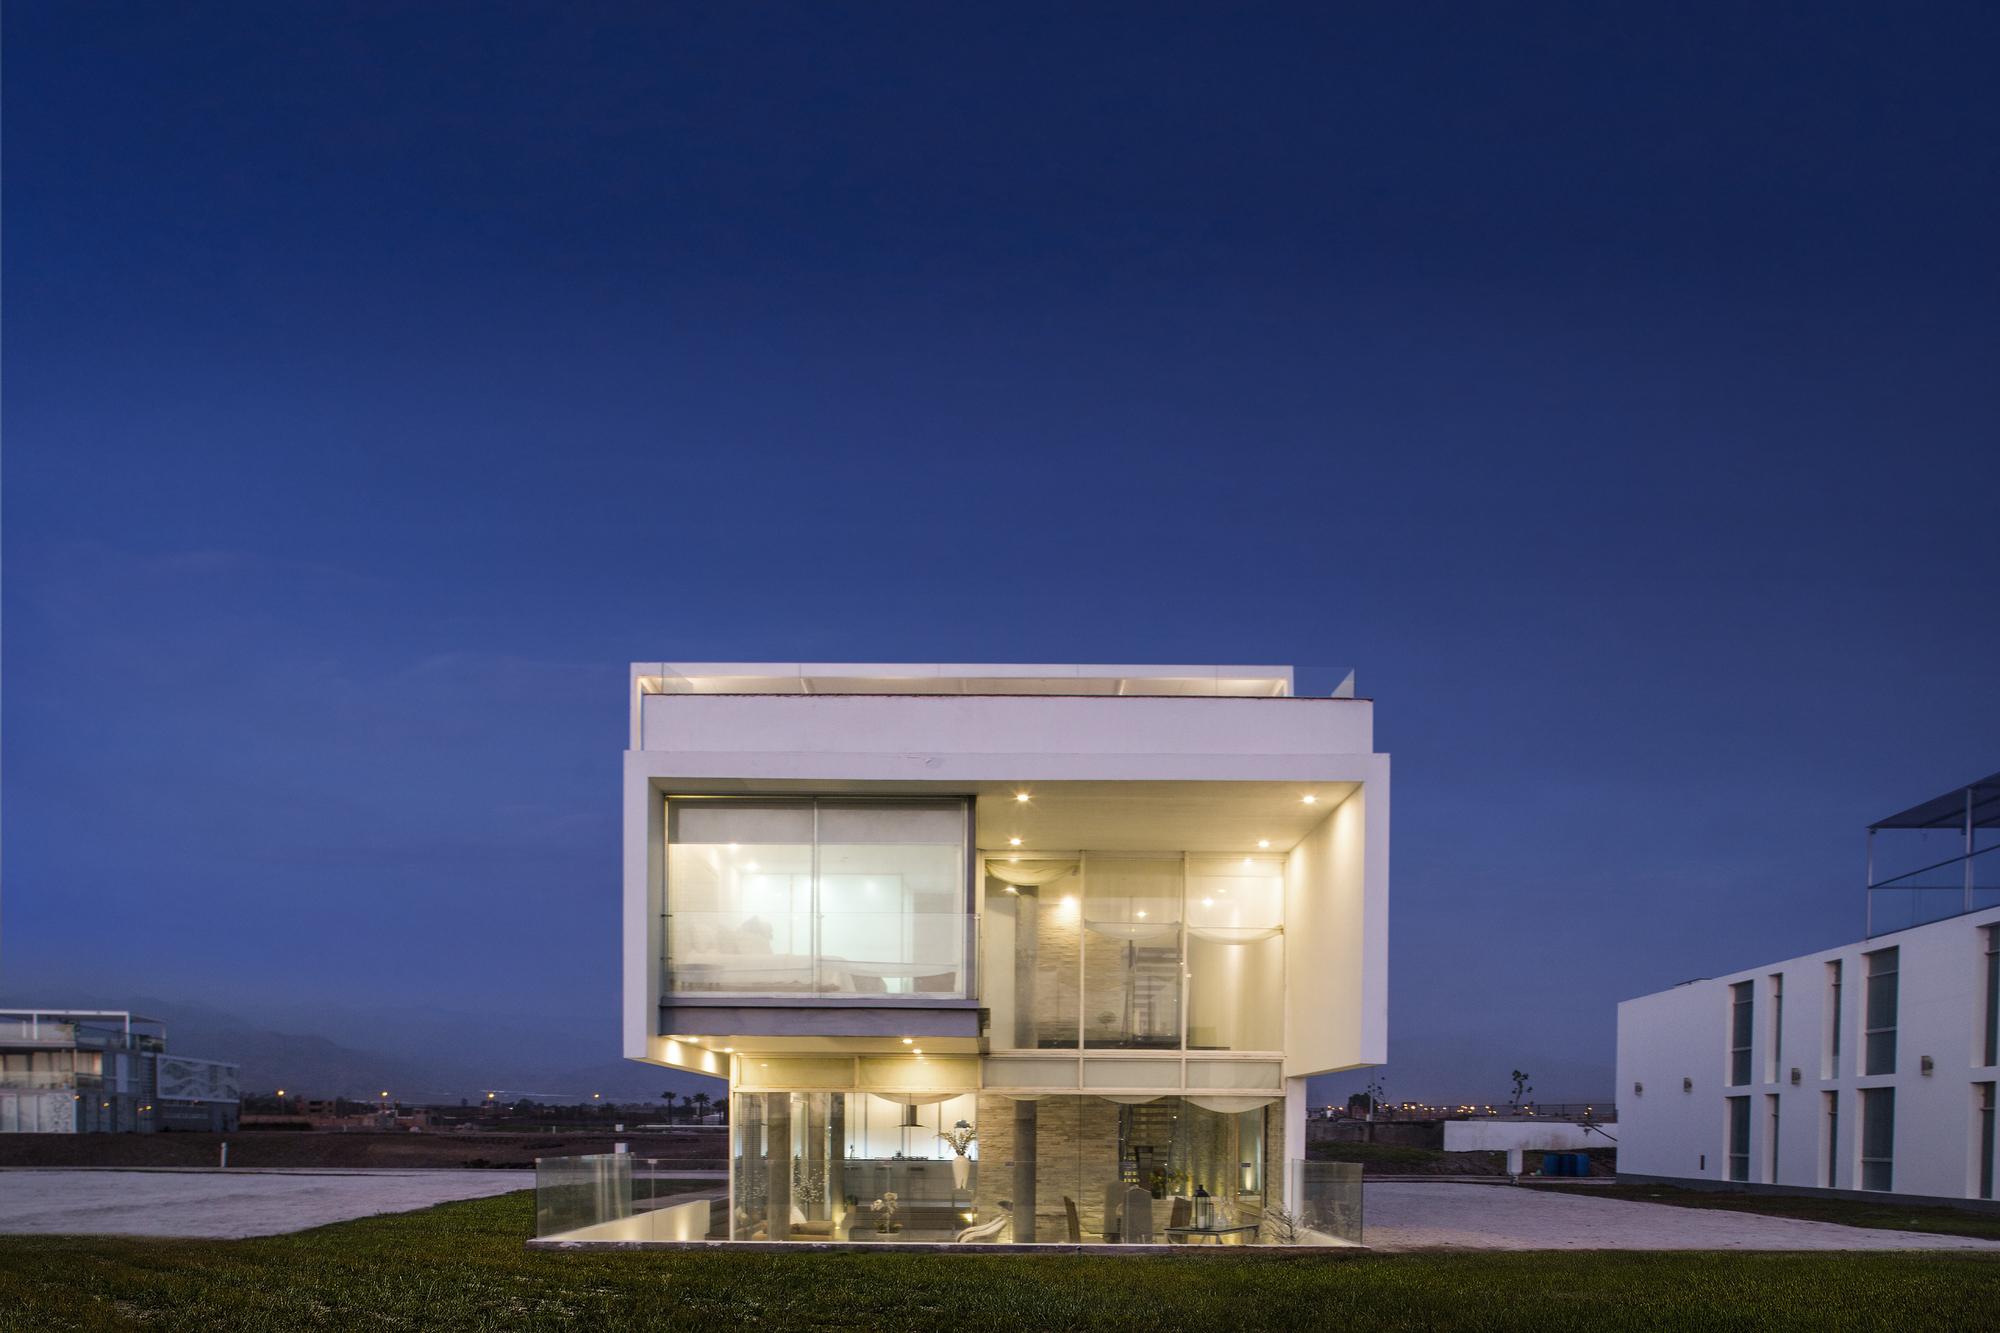 3 familias 3 cubos chetecortes architects plataforma for Plataforma arquitectura